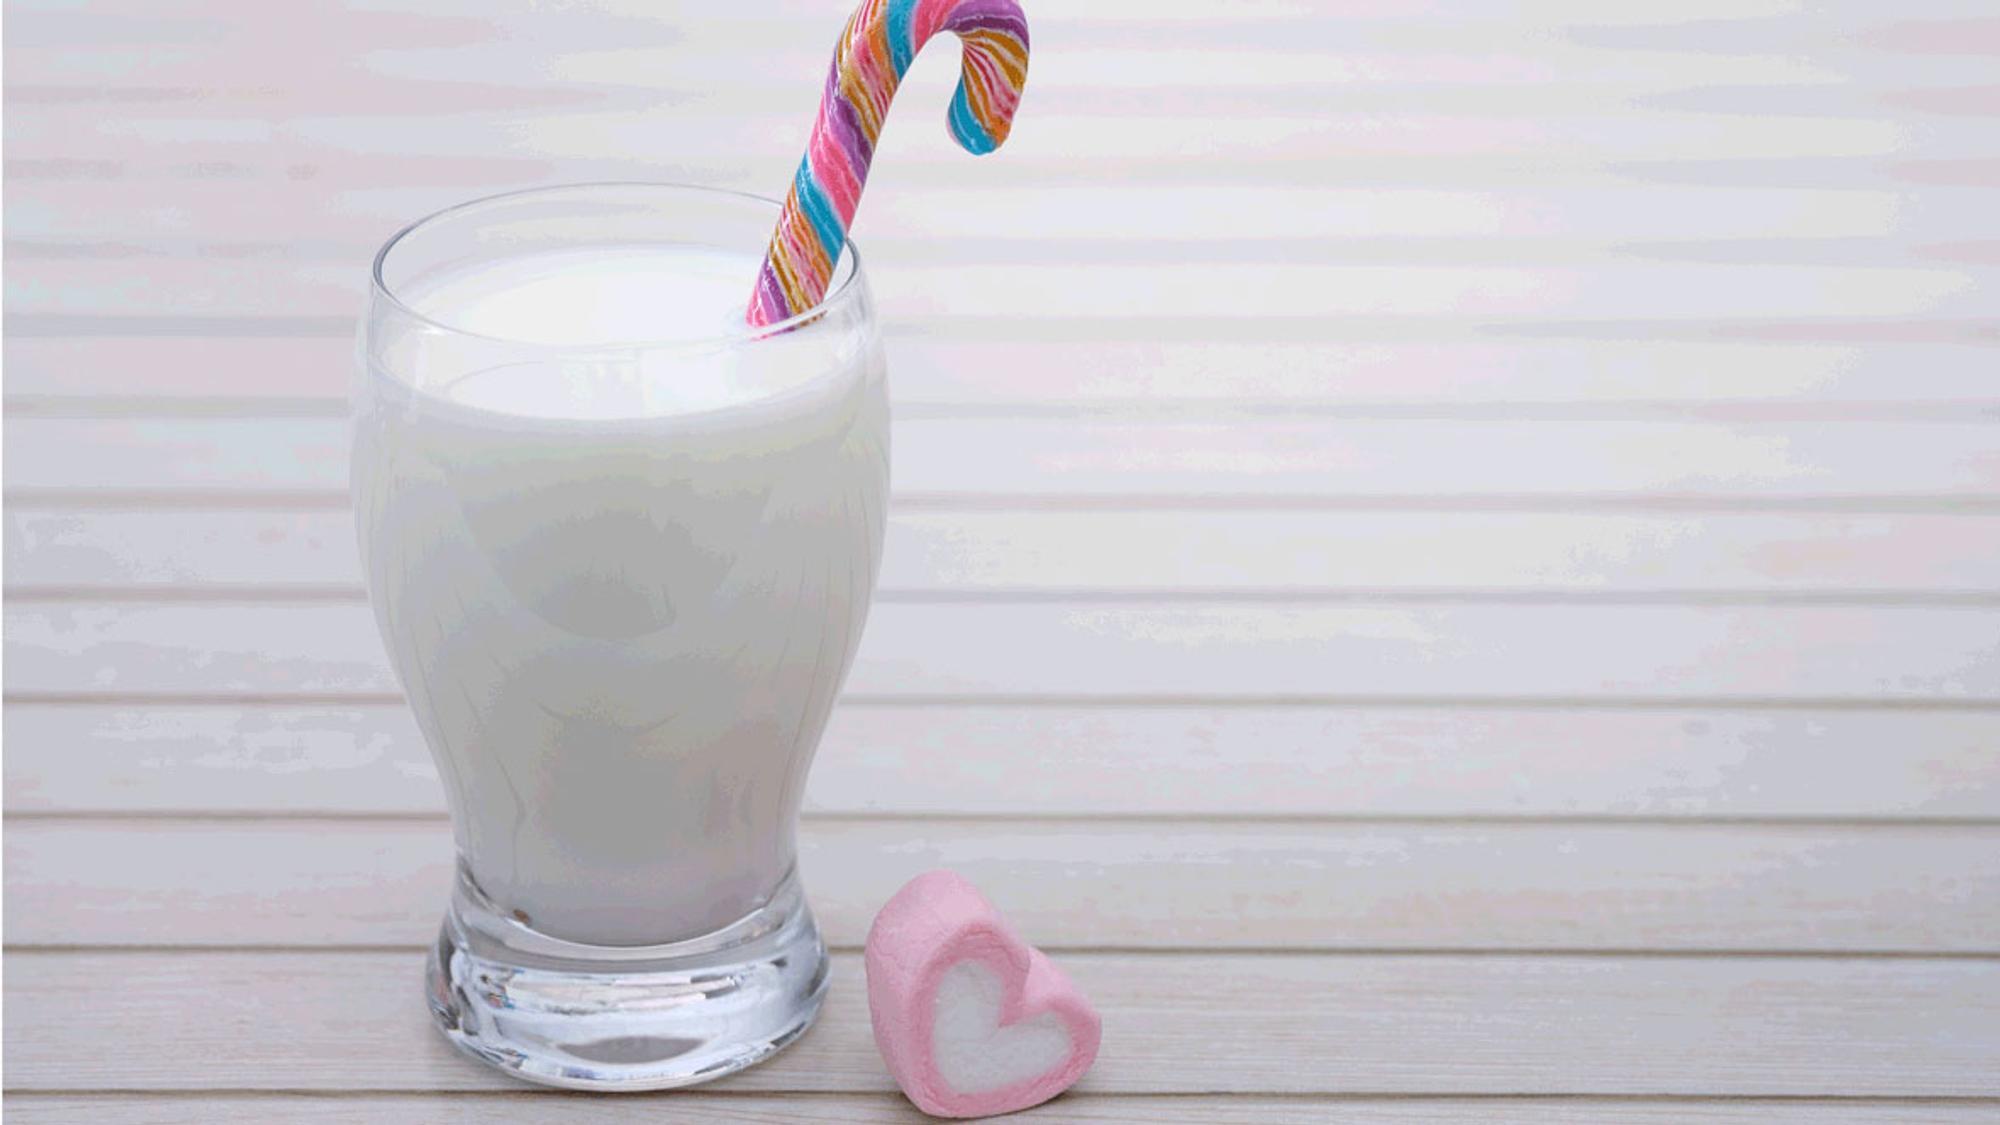 Sind Muttermilch und Plazenta wirklich Superfoods? Und ist Nabelschnurblut ein Lebensretter?